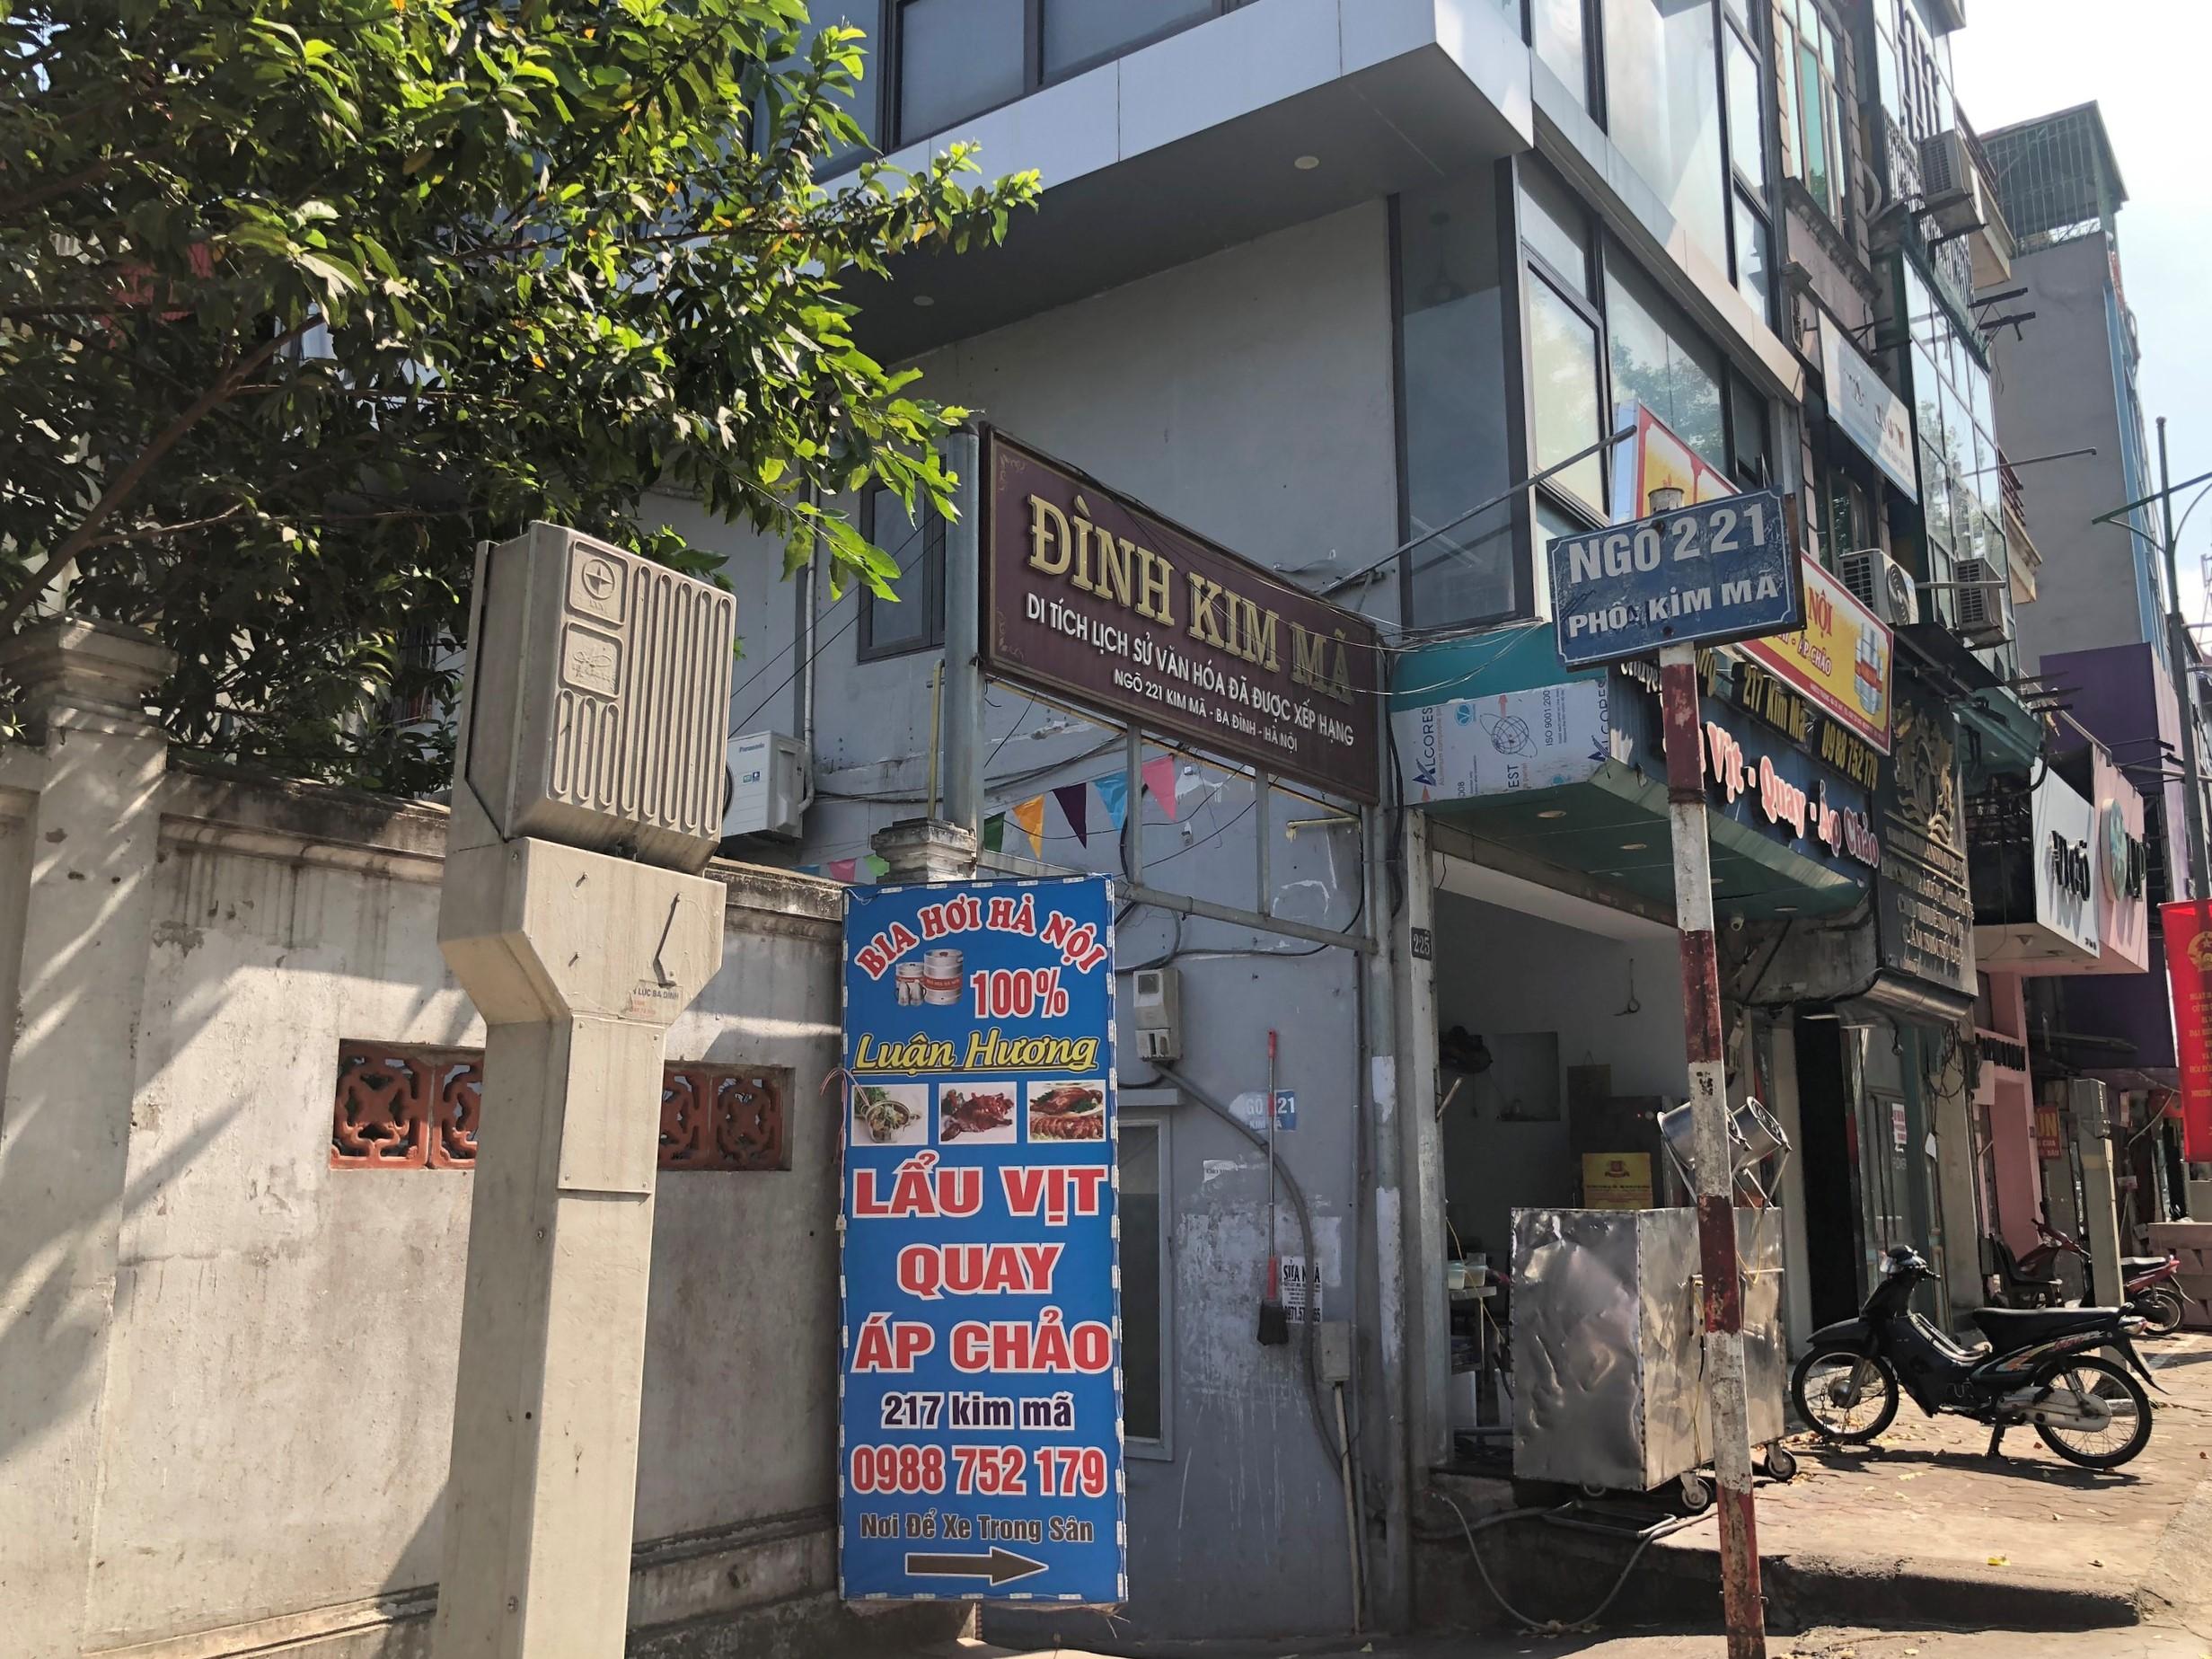 Những khu đất sắp thu hồi ở phường Kim Mã, Ba Đình (phần 3): Đường nối từ Núi Trúc đến Kim Mã và Giang Văn Minh - Ảnh 8.